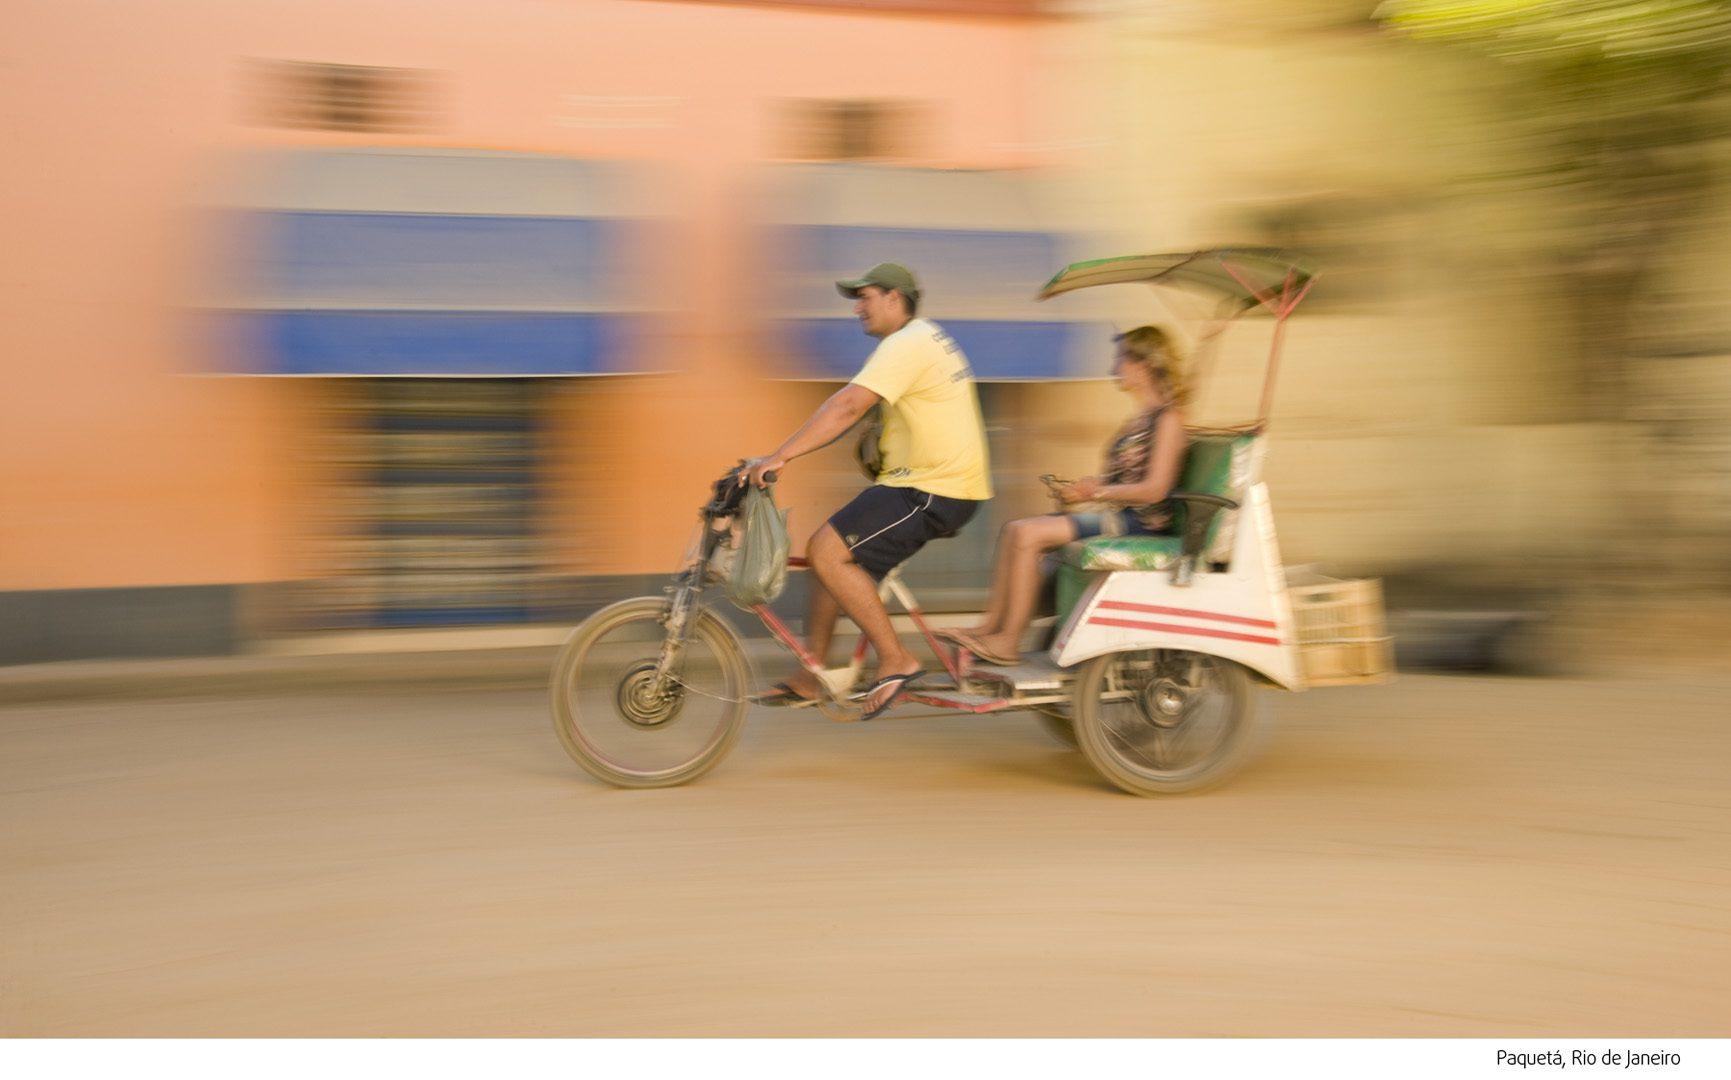 bike and movement II